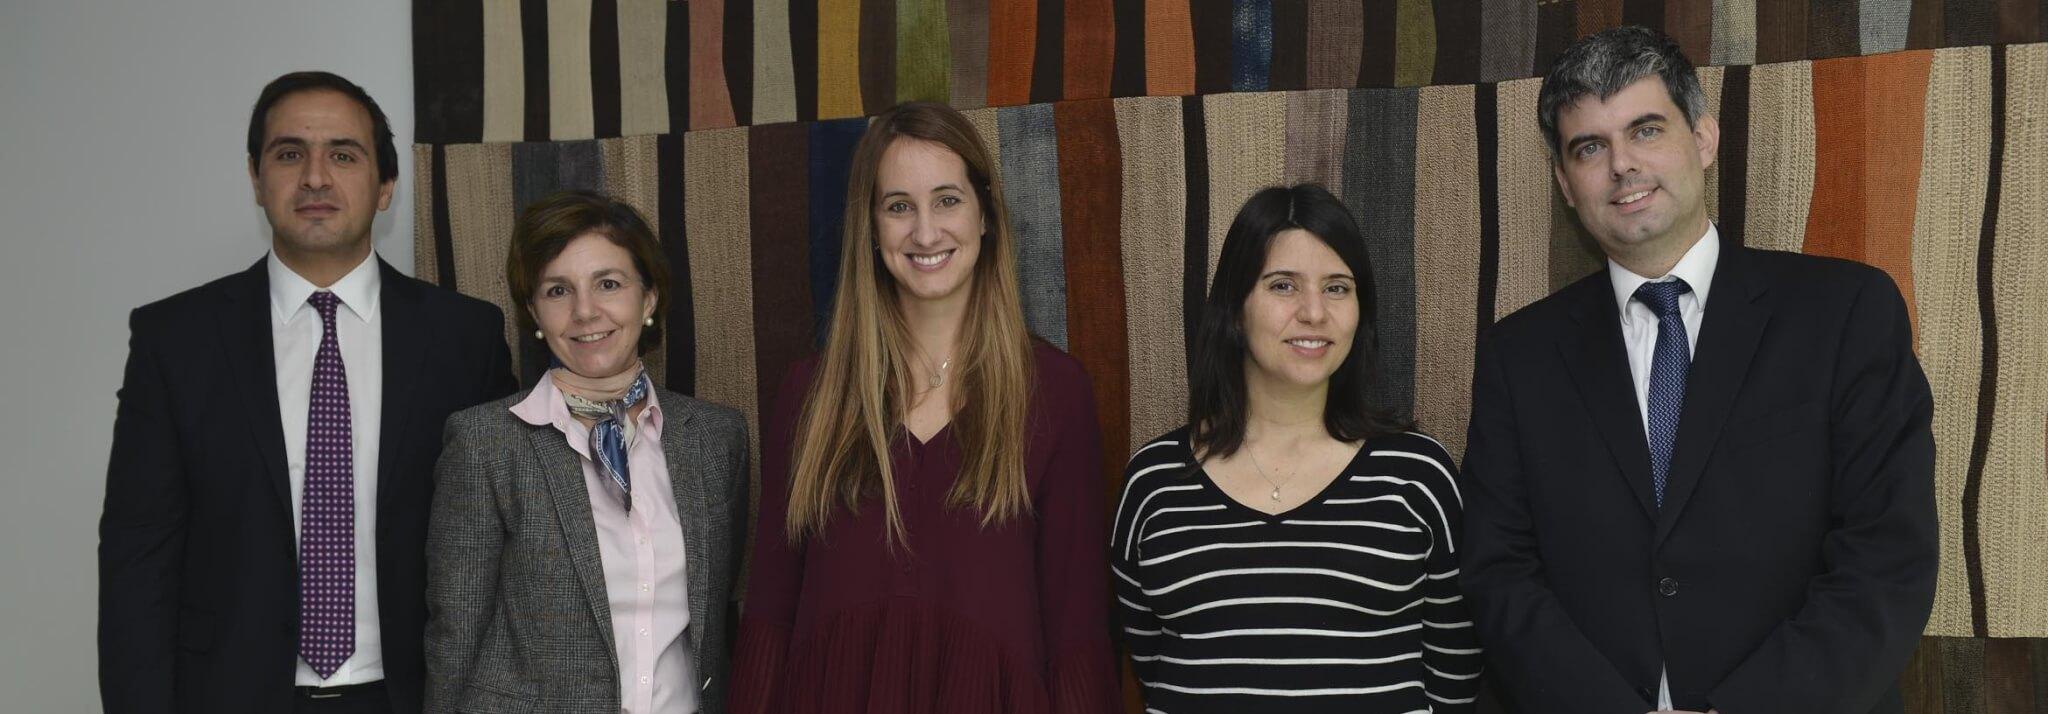 """Morales & Besa realizó tercer encuentro del """"Ciclo de Conversaciones: Diversidad en el Mercado Laboral"""" convocado por su Comité de Diversidad"""